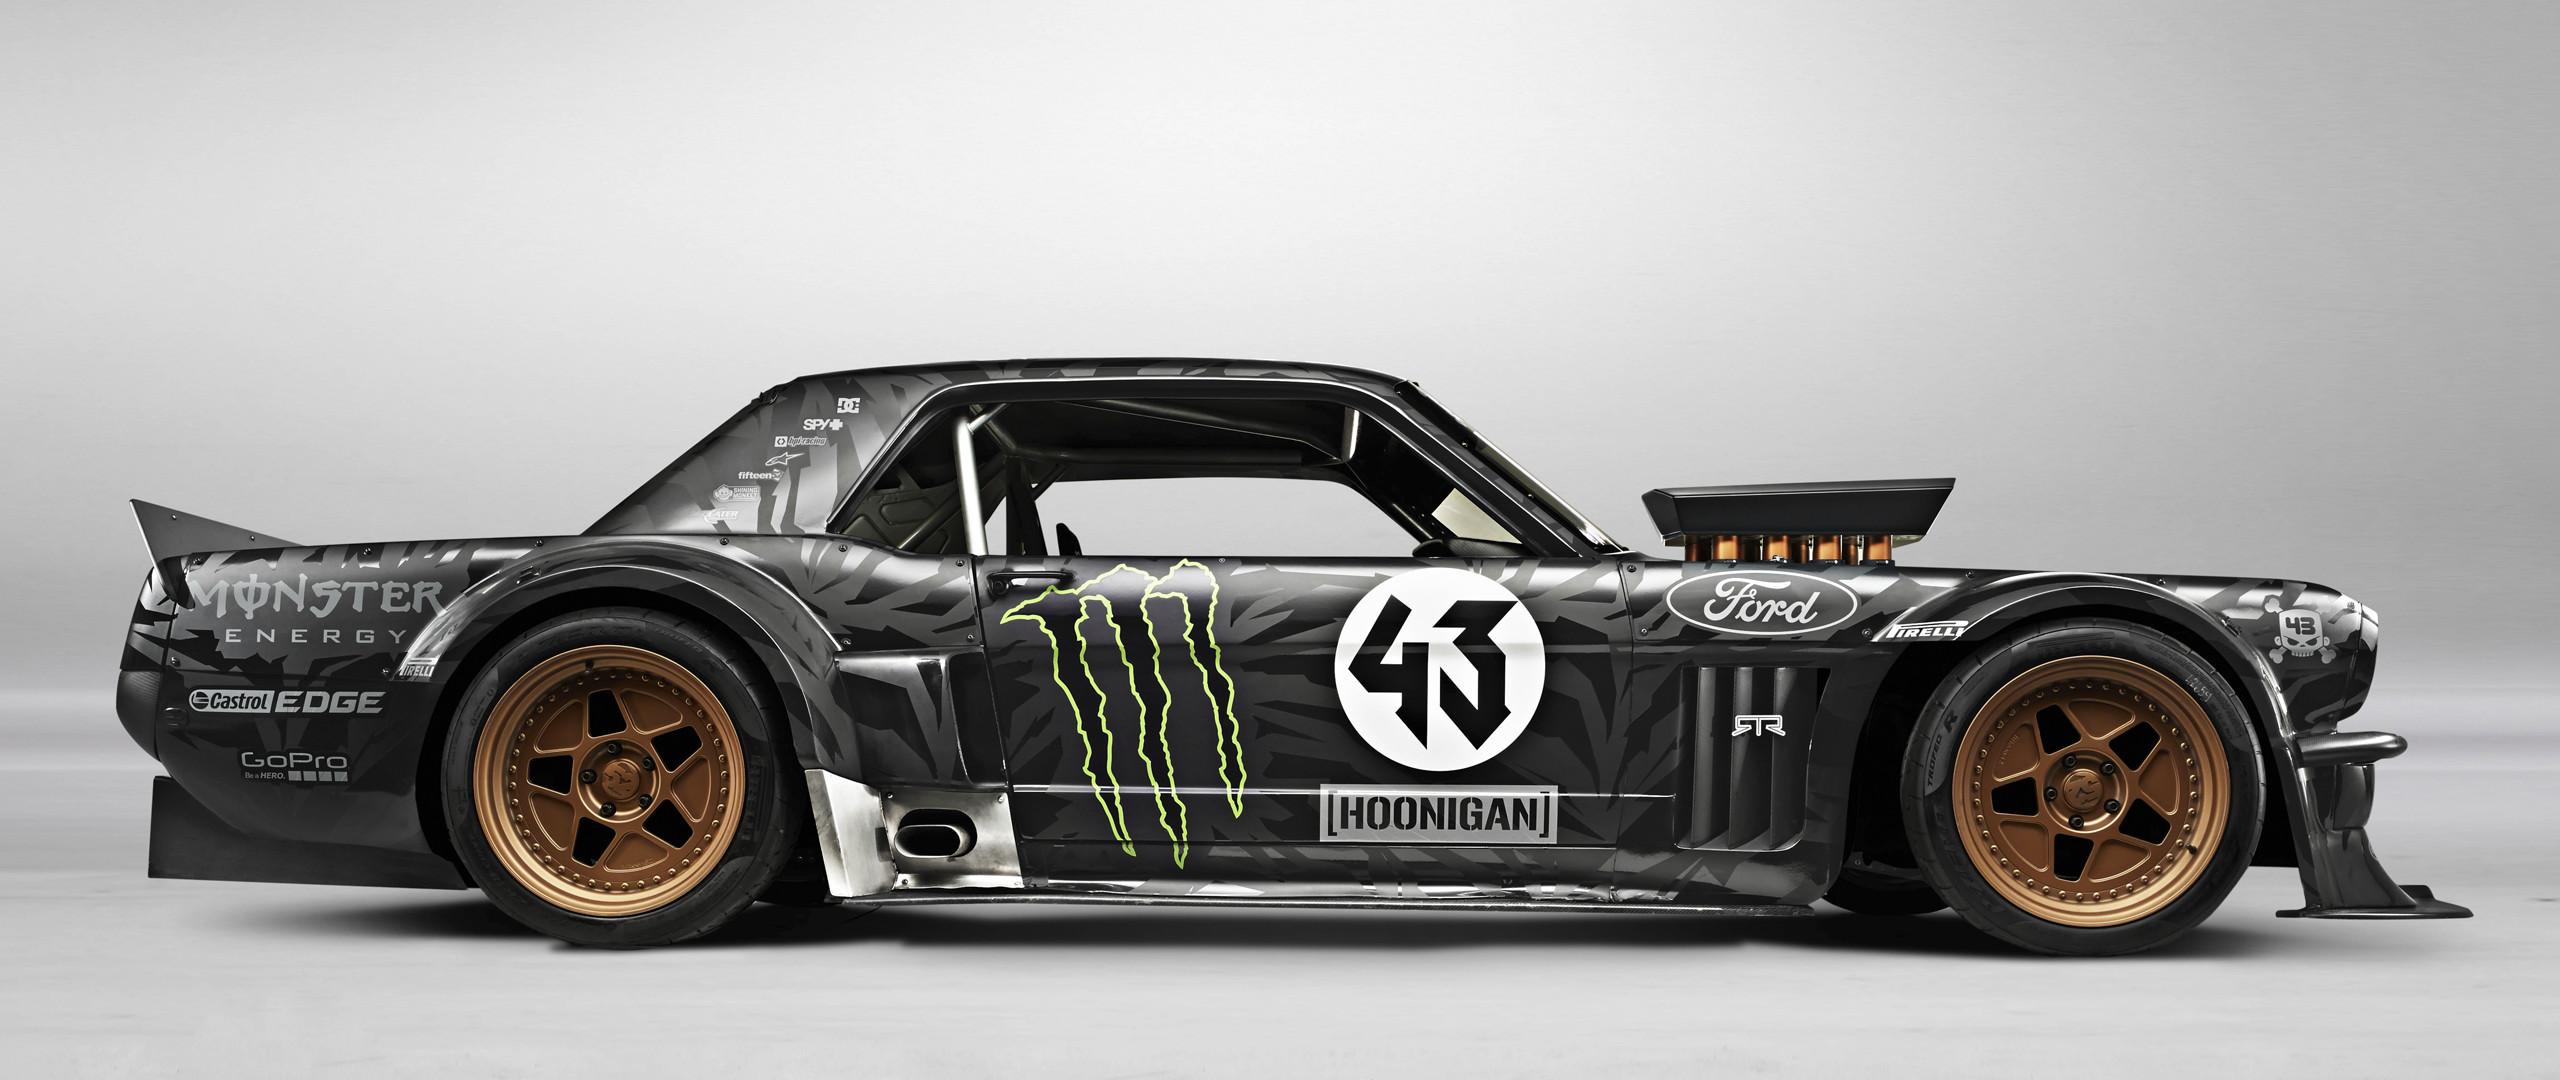 Hoonigan Mustang Video